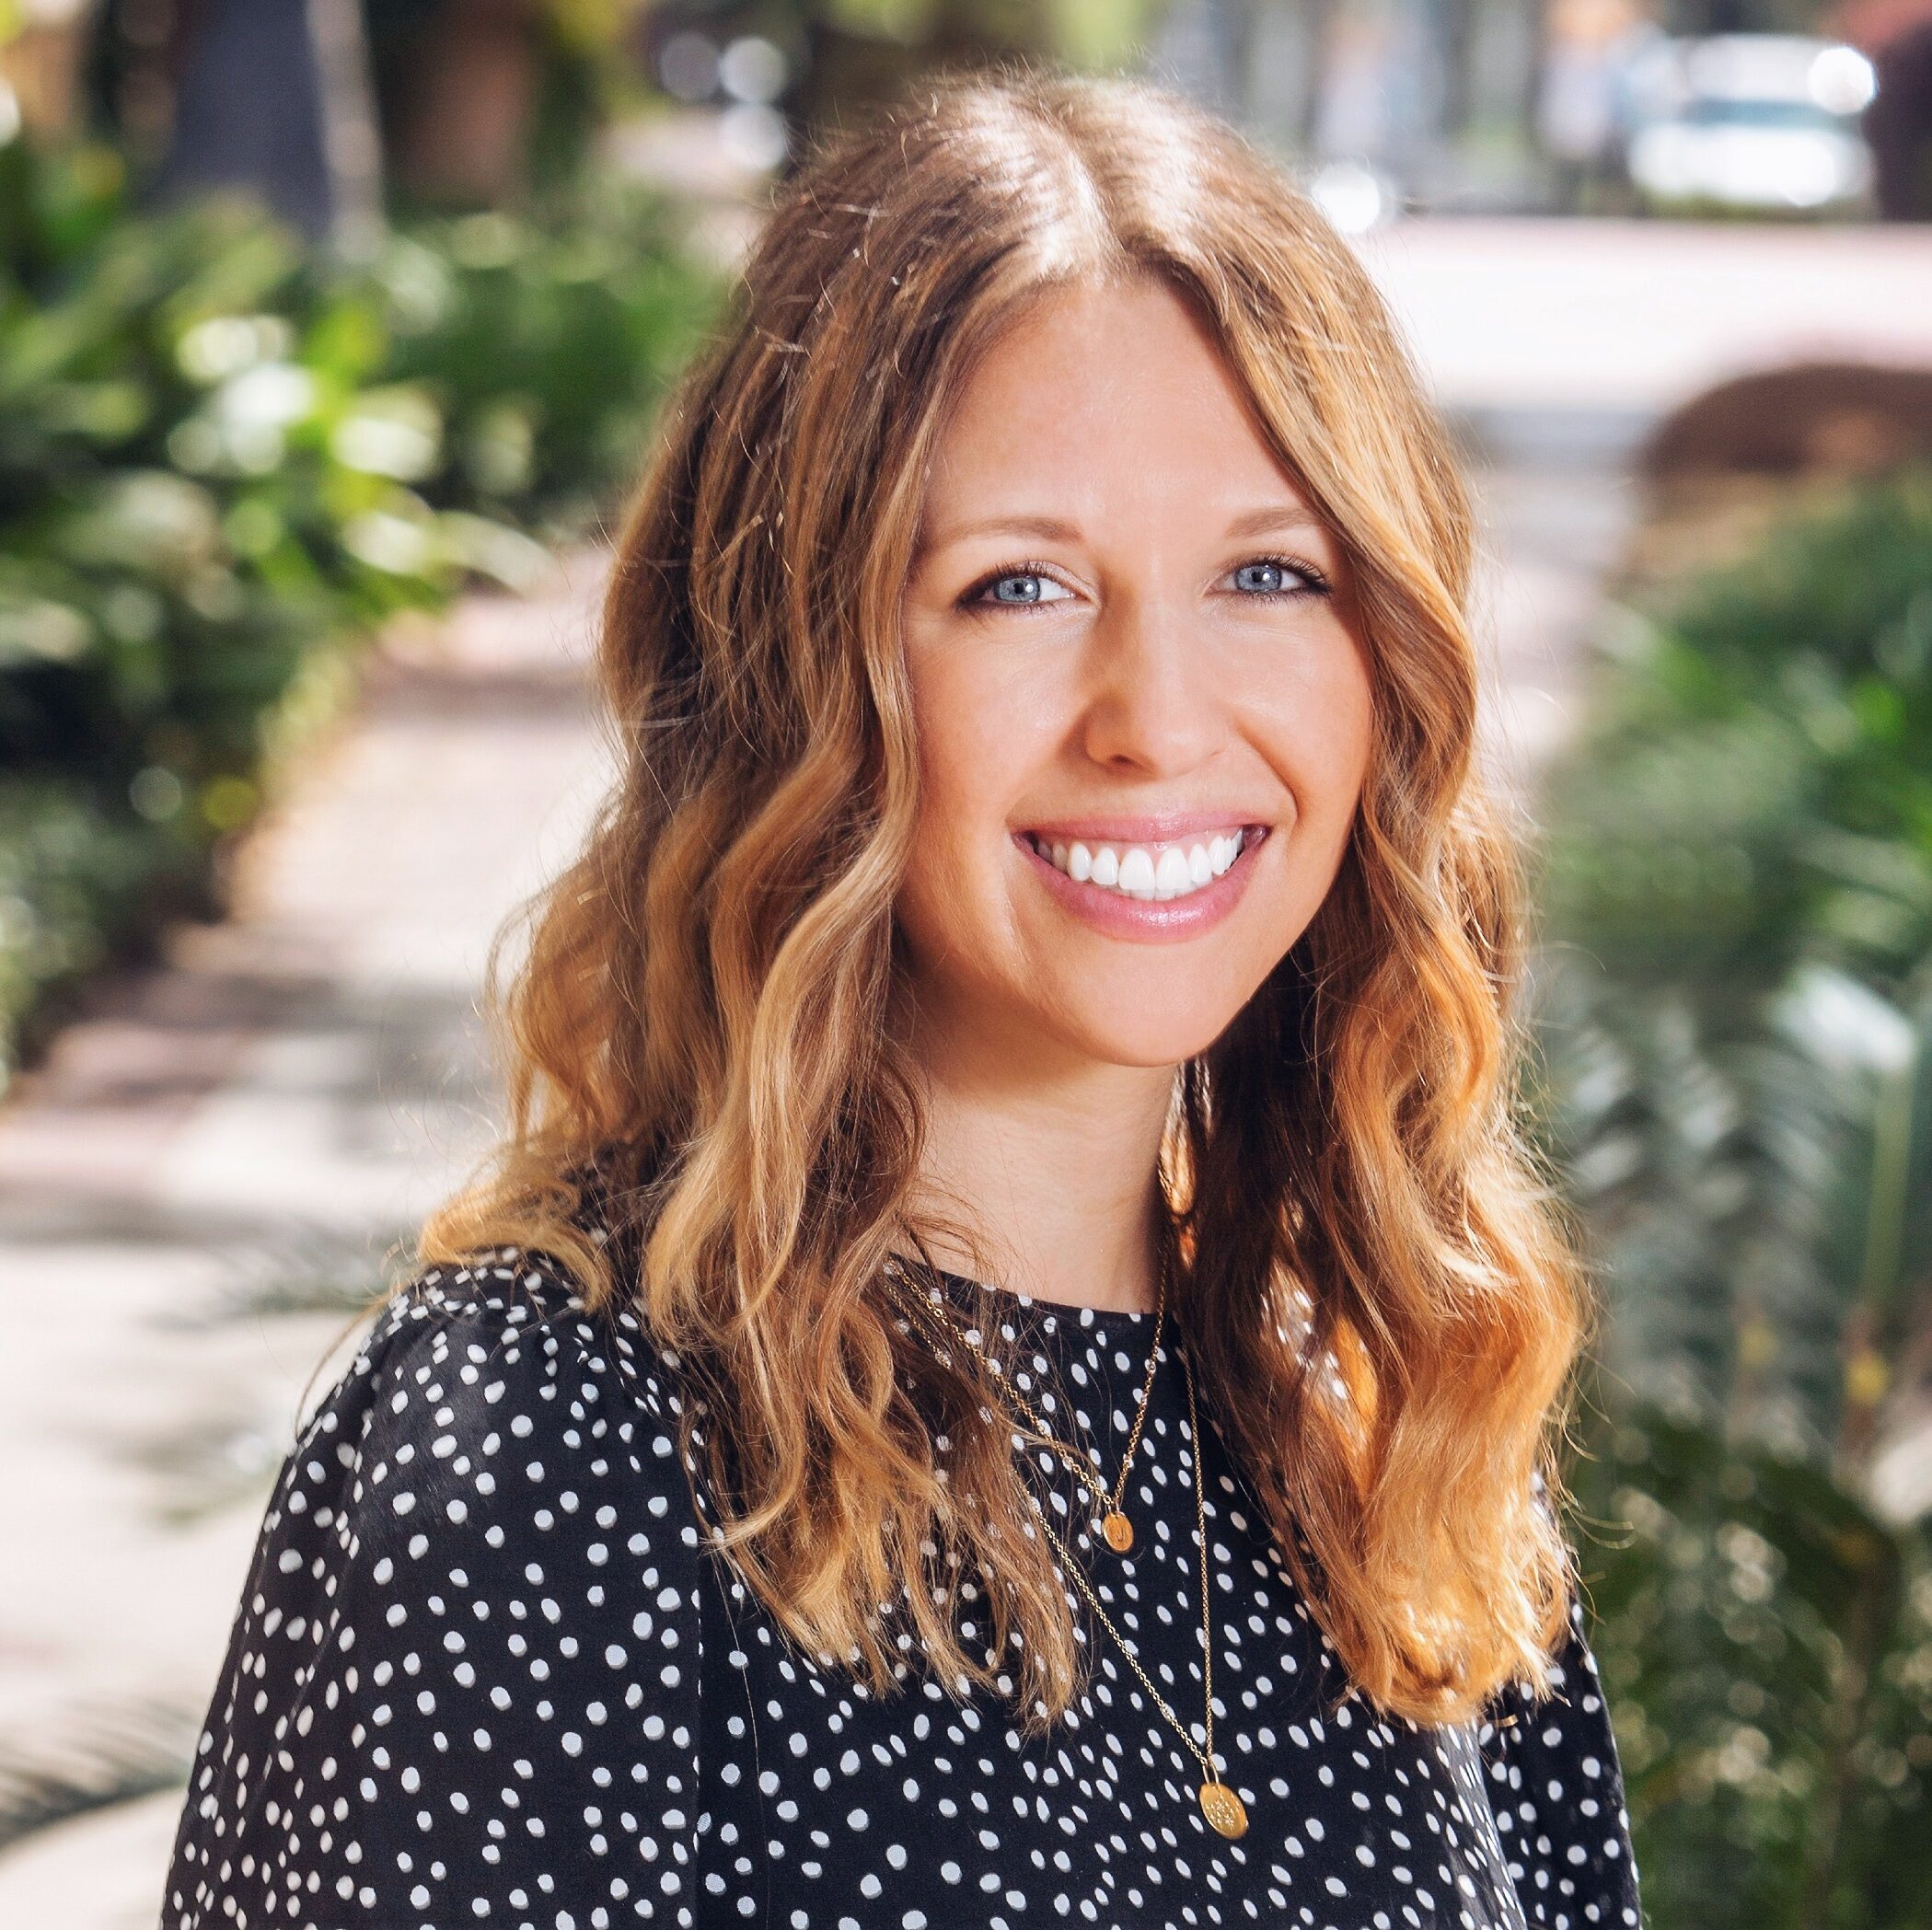 Jillian Turanovic, JMVR Editorial Board Member